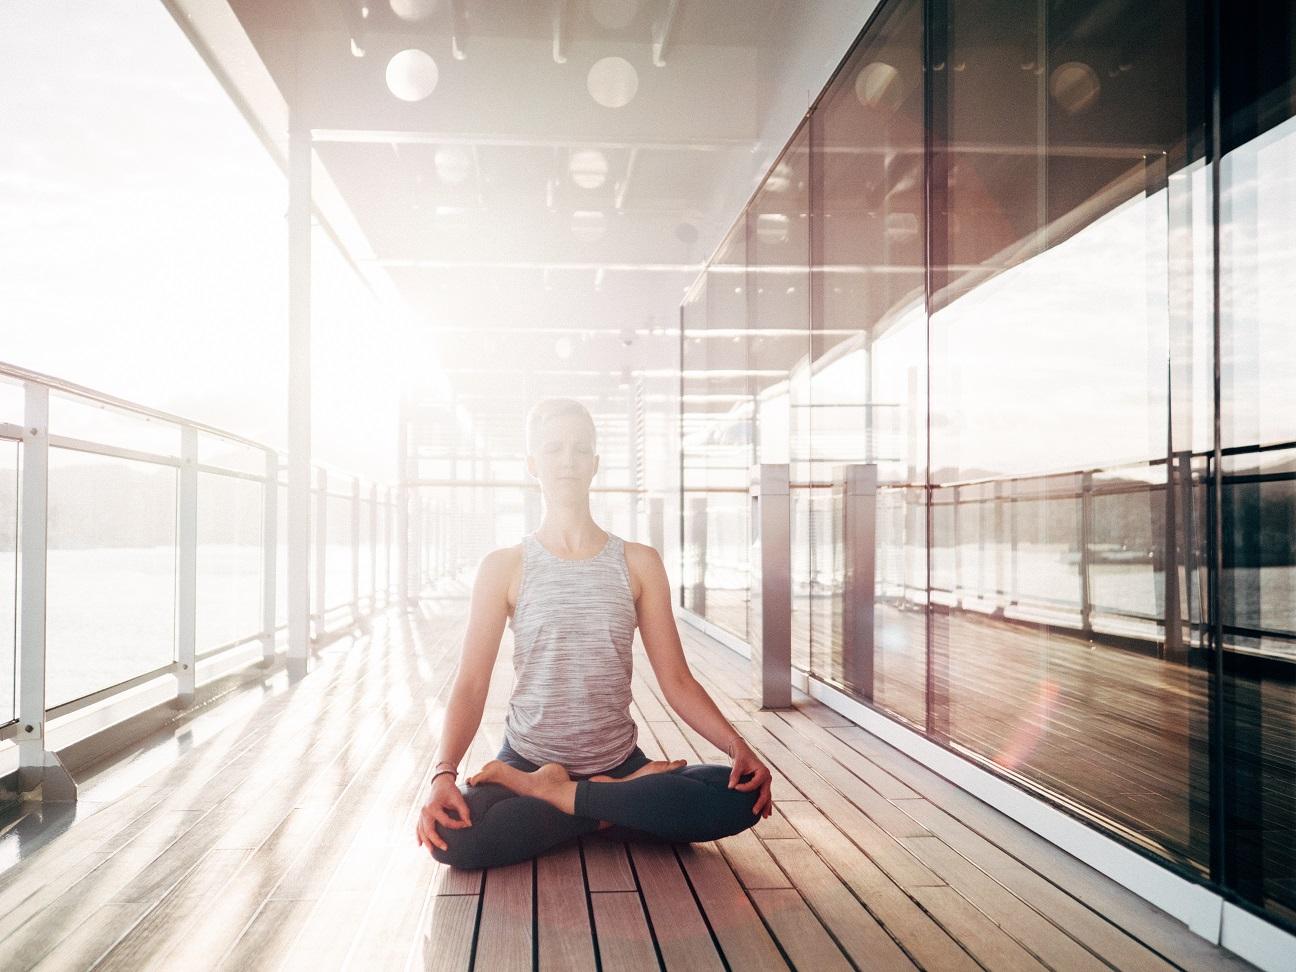 Yoga auf hoher See - Endlich wieder als Yogalehrerin an Bord der MS Europa 2